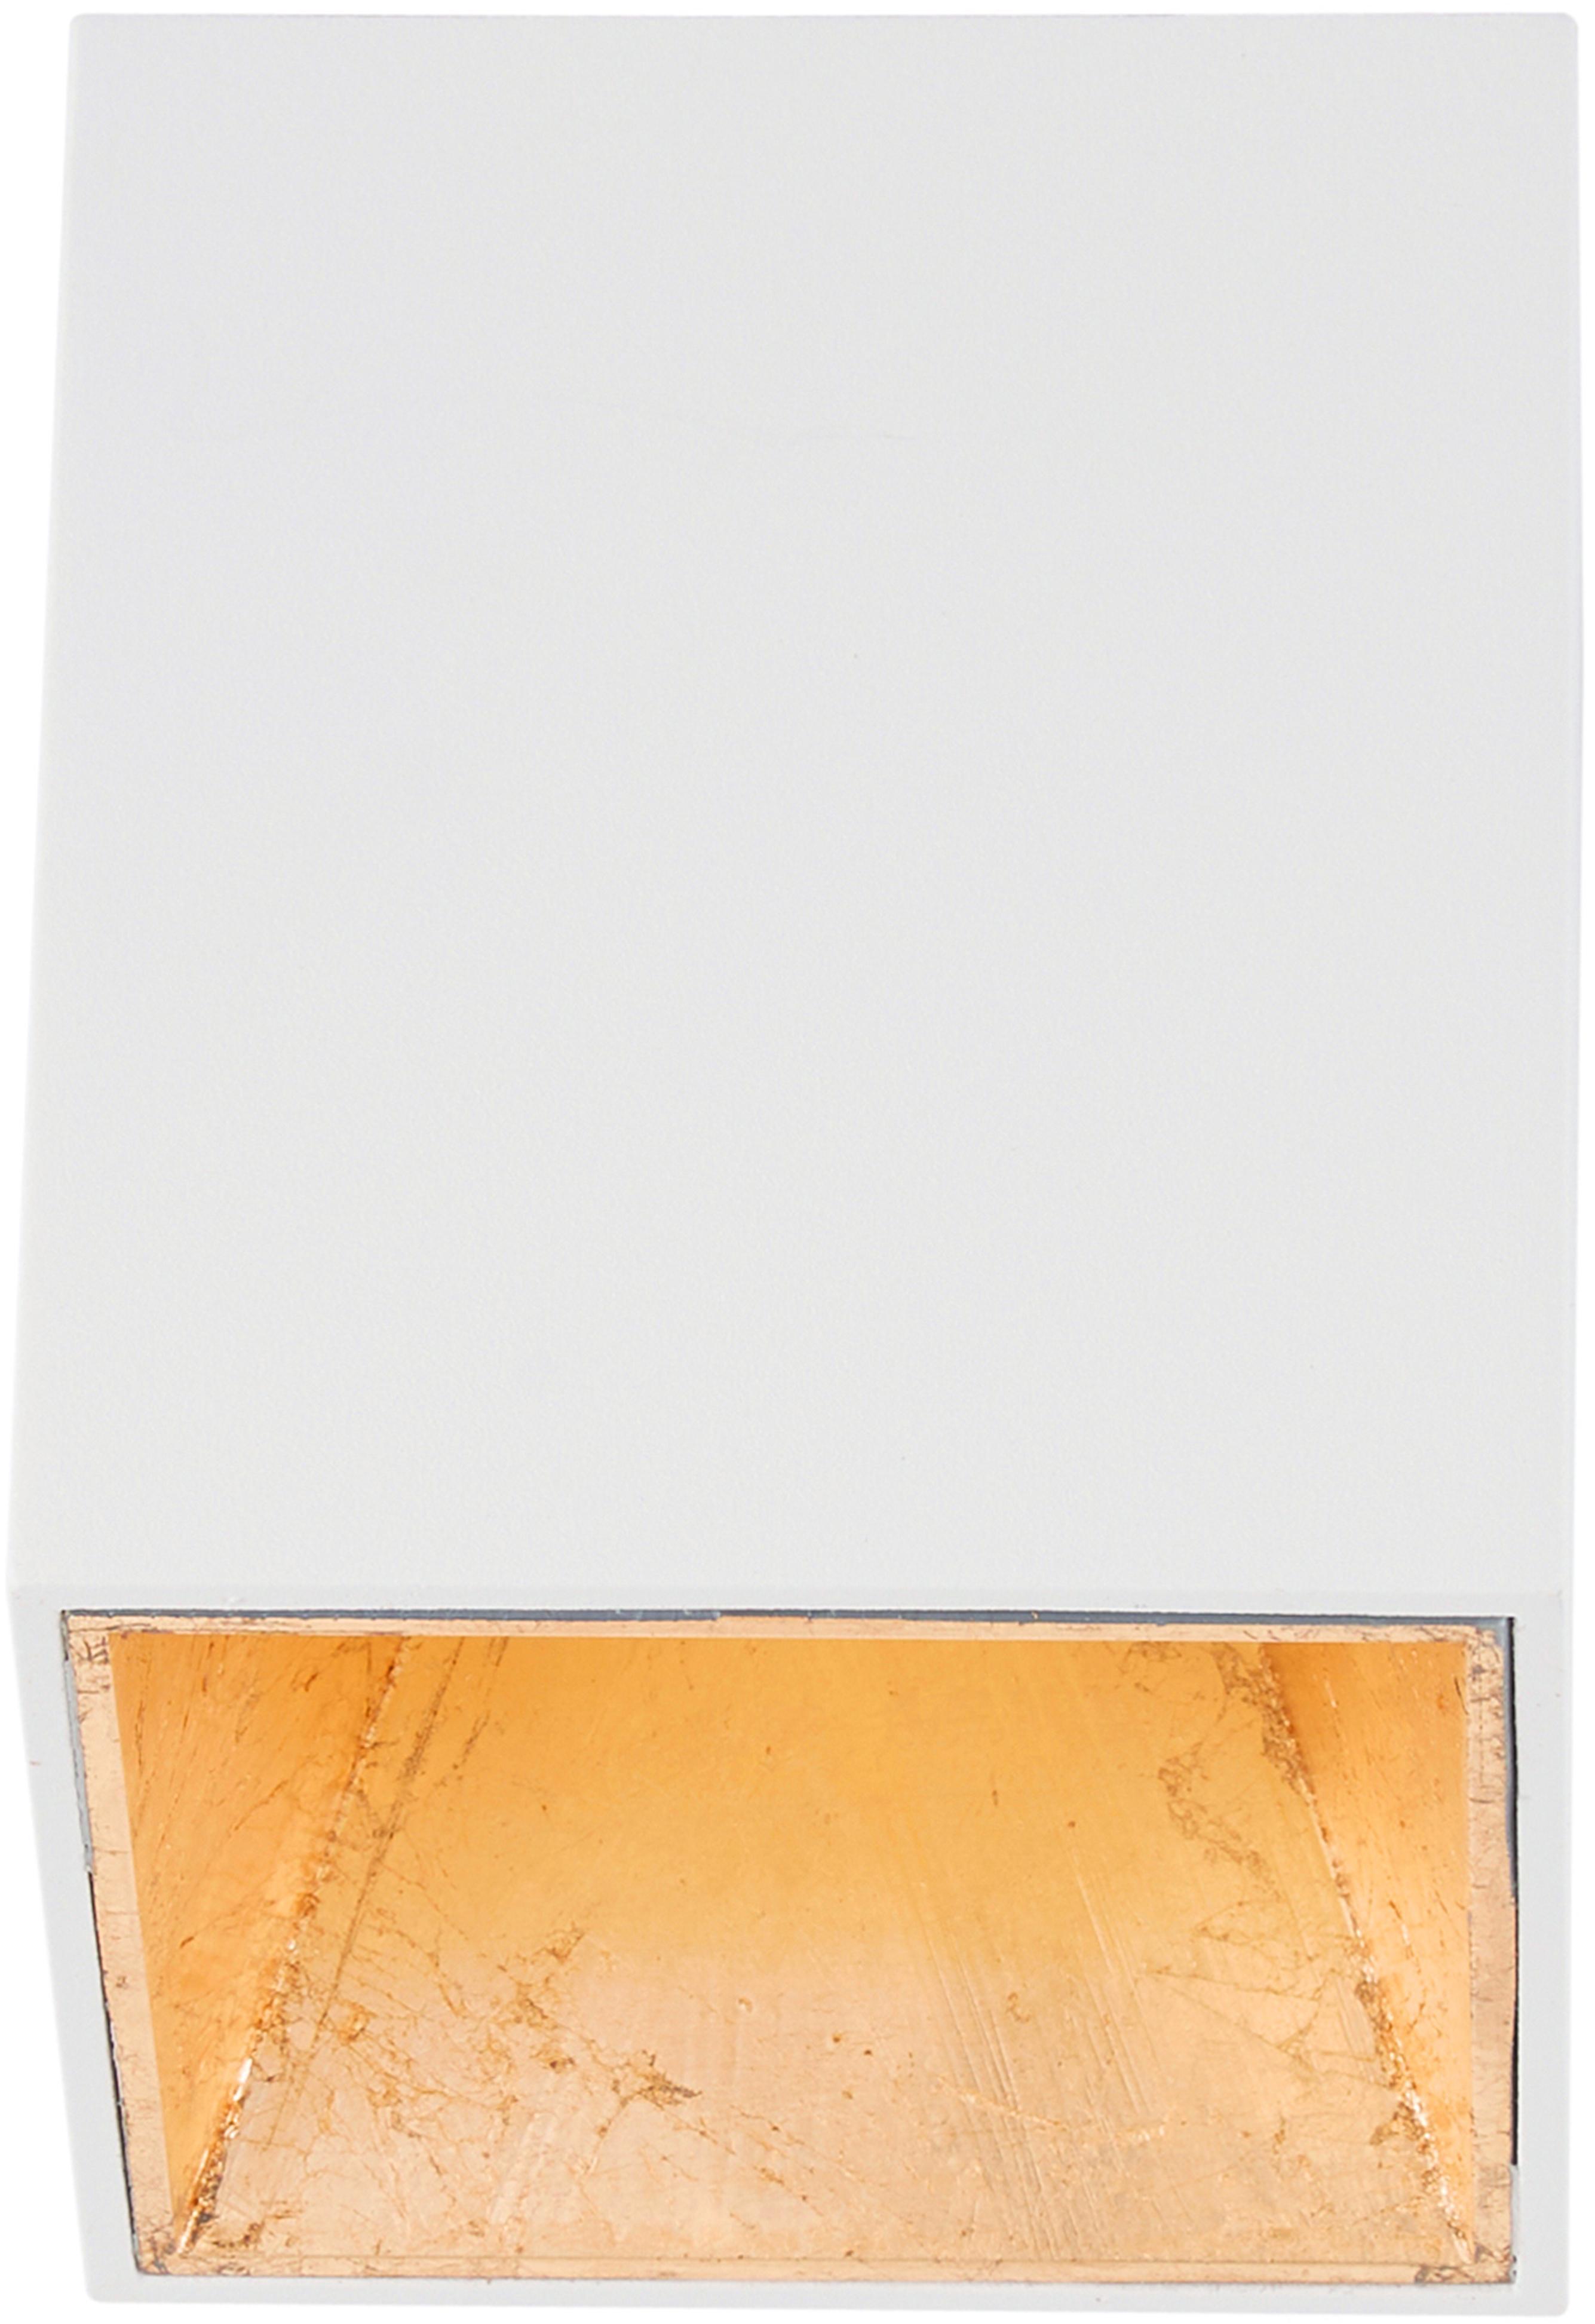 LED Deckenspot Marty, Weiss, Goldfarben, 10 x 12 cm